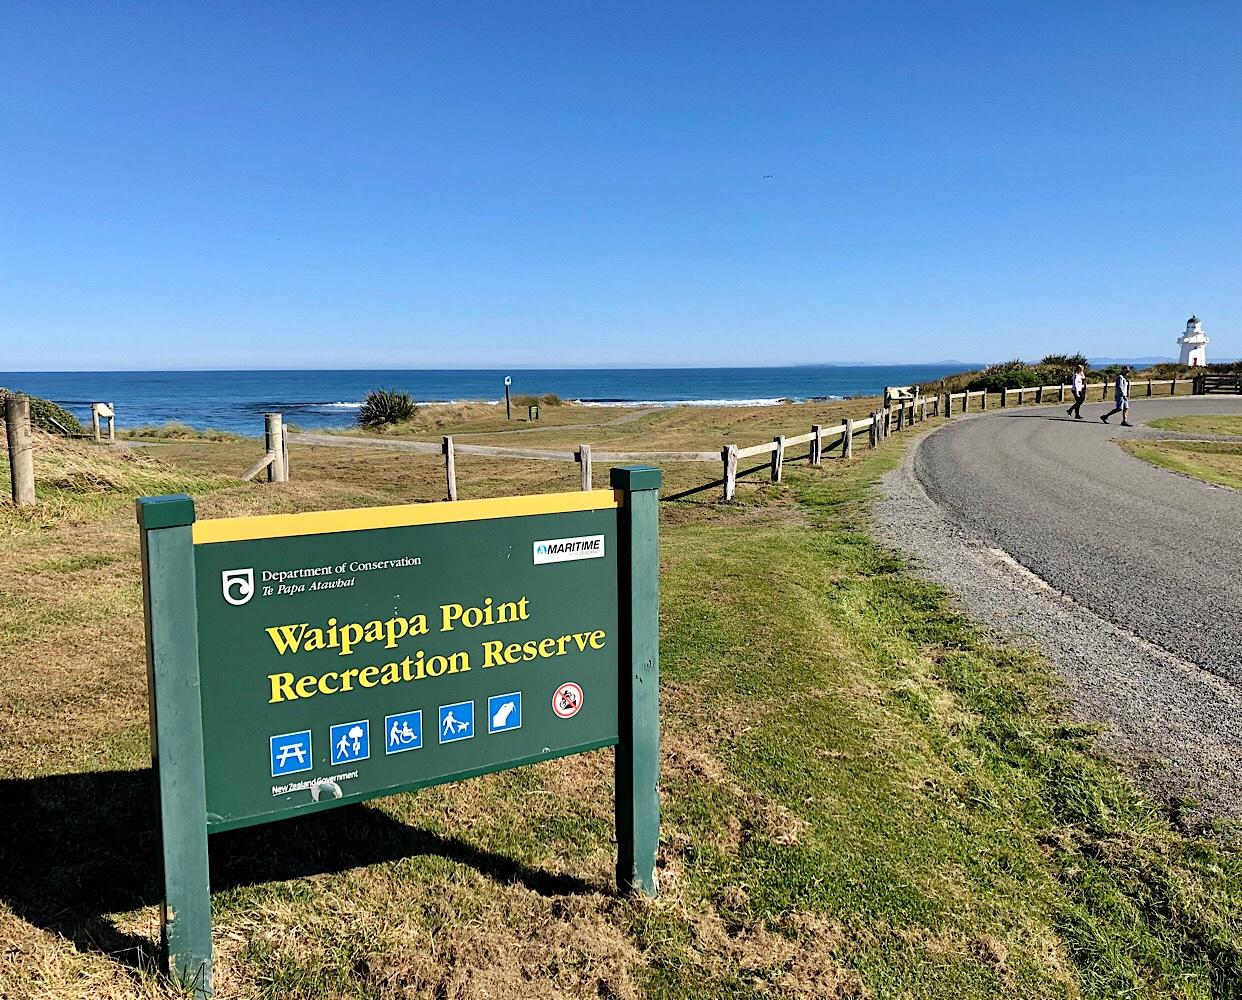 Waiapapa Point Lighthouse